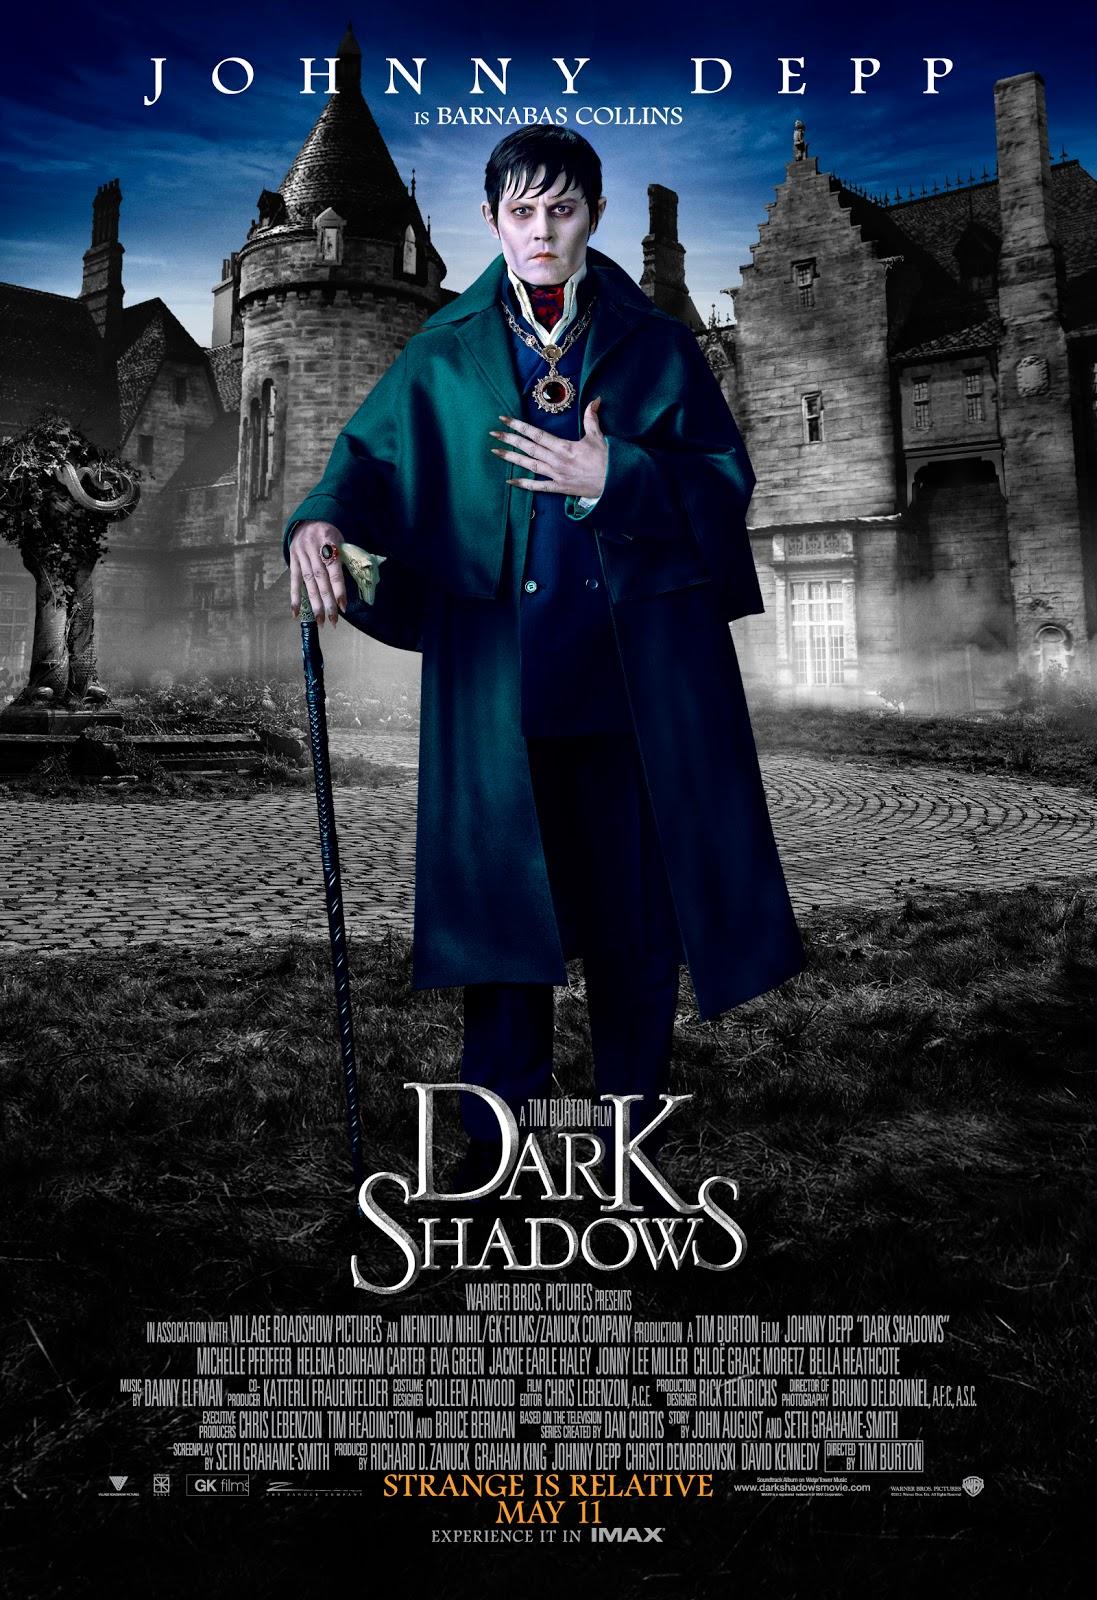 http://2.bp.blogspot.com/-dh0TEQDC8ks/UEJGO_8APFI/AAAAAAAATds/u6YDi27OMxA/s1600/dark-shadows-character-poster-banner-johnny-depp.jpg